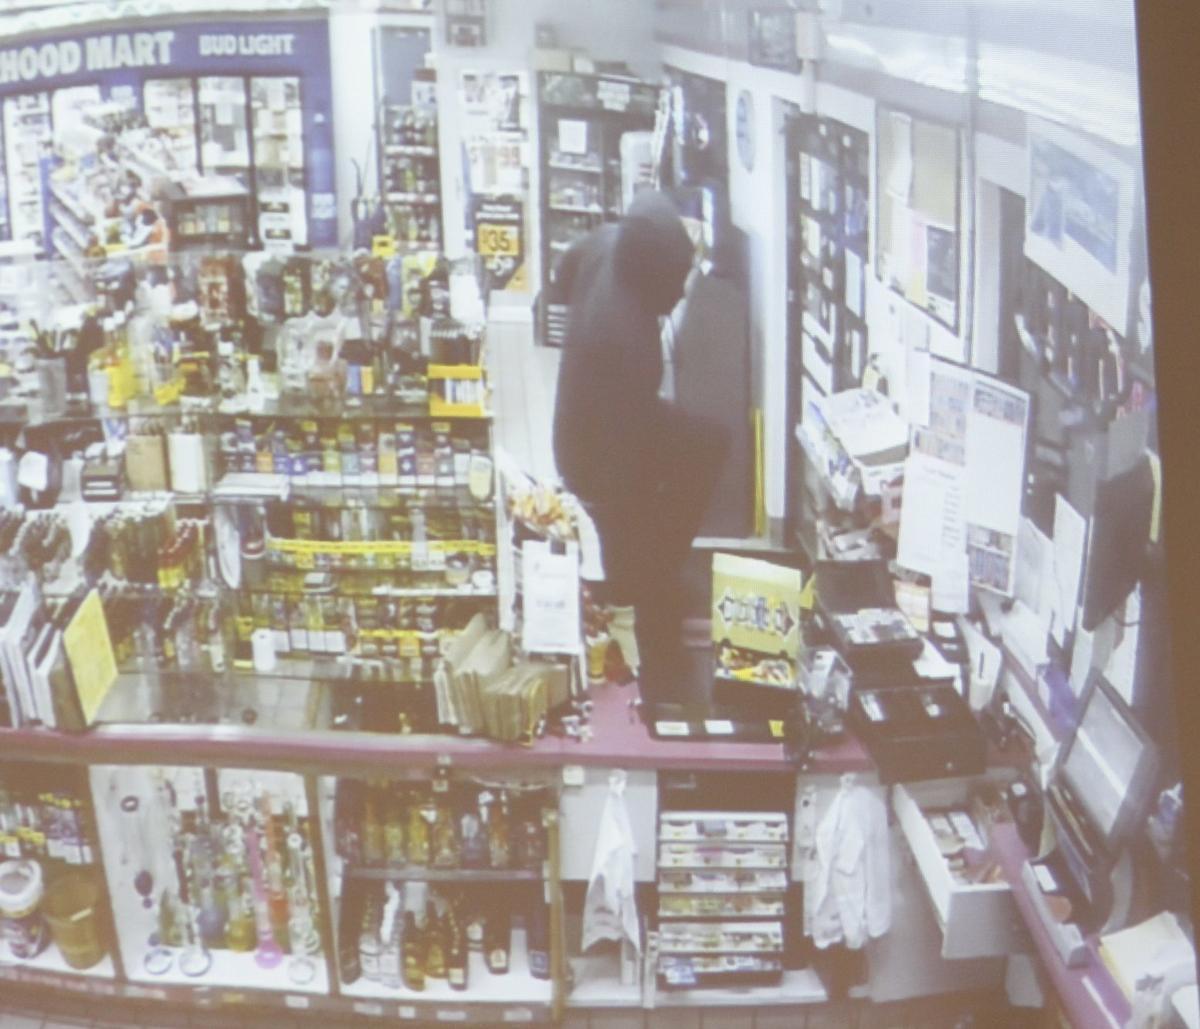 052819ho-robbery-trial-2